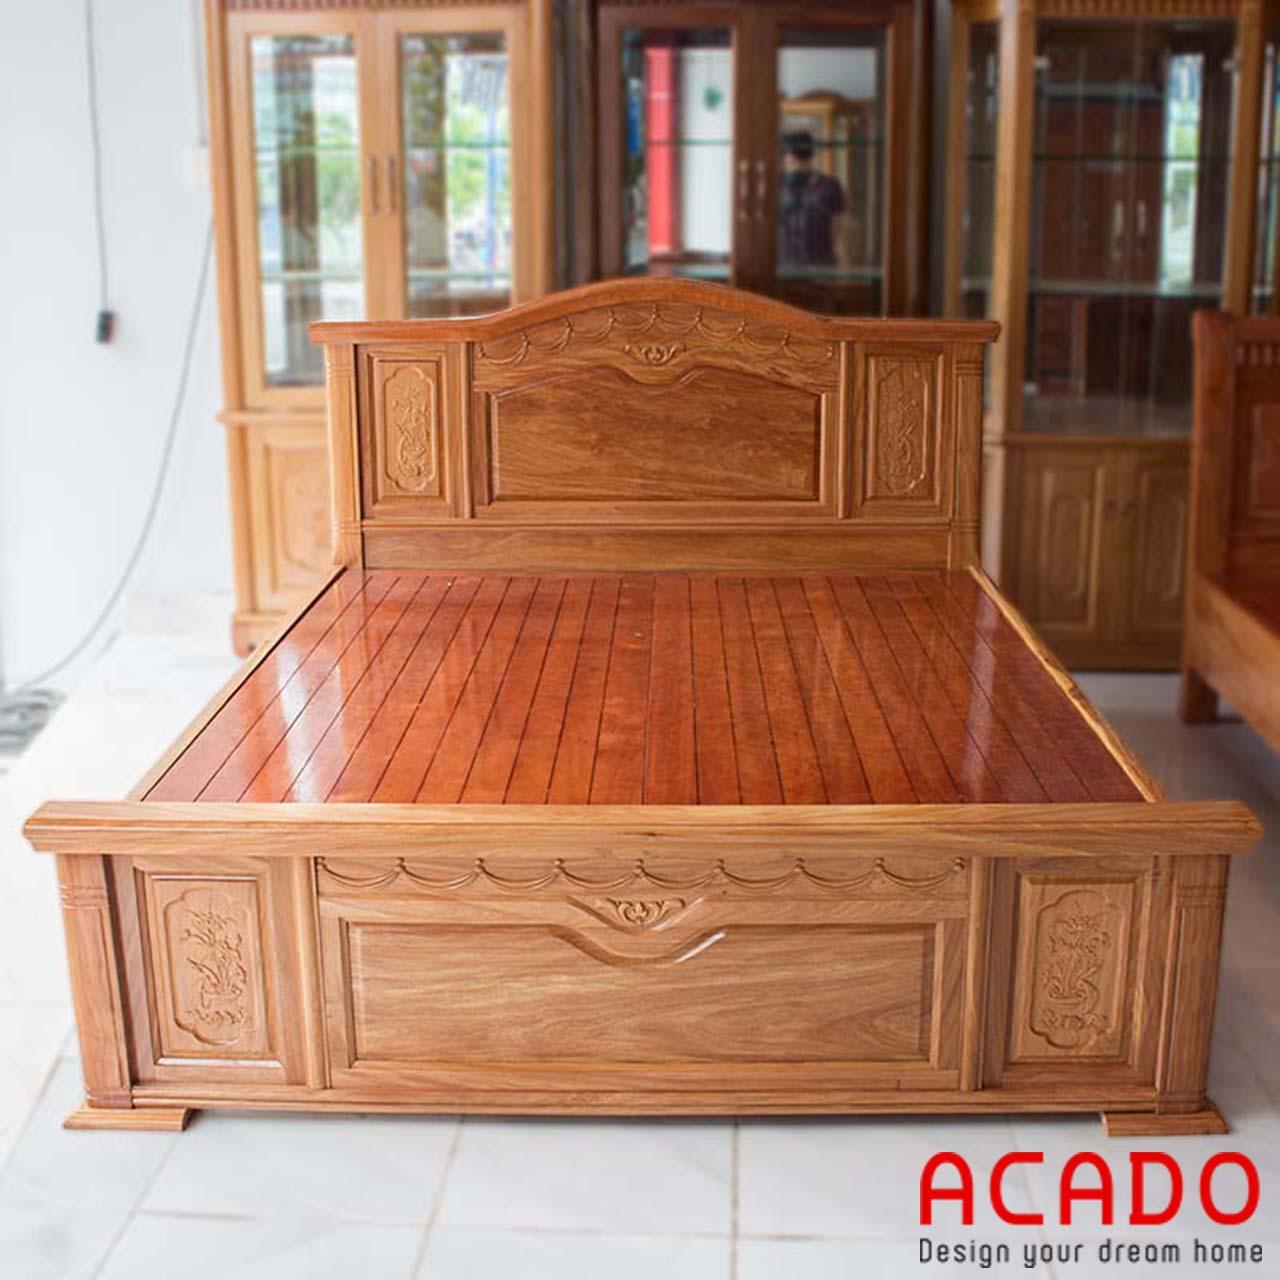 Giường ngủ gỗ hương bền bỉ với thời gian